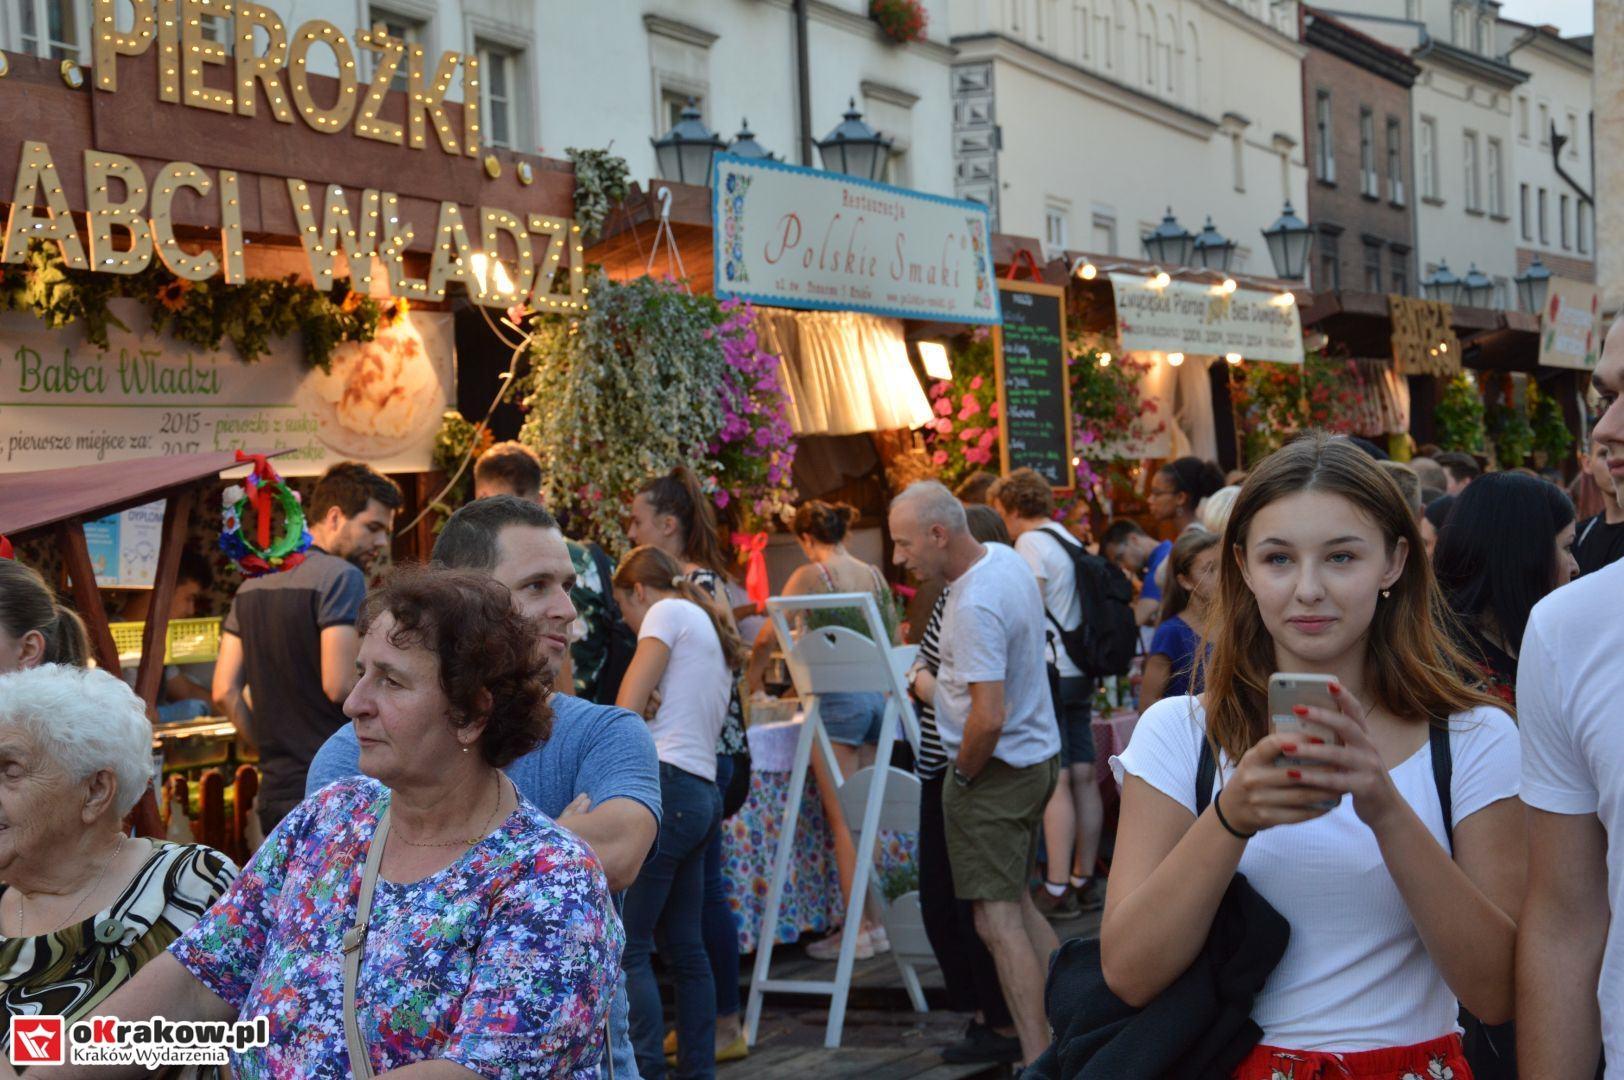 krakow festiwal pierogow maly rynek koncert cheap tobacco 132 150x150 - Galeria zdjęć Festiwal Pierogów Kraków 2018 + zdjęcia z koncertu Cheap Tobacco